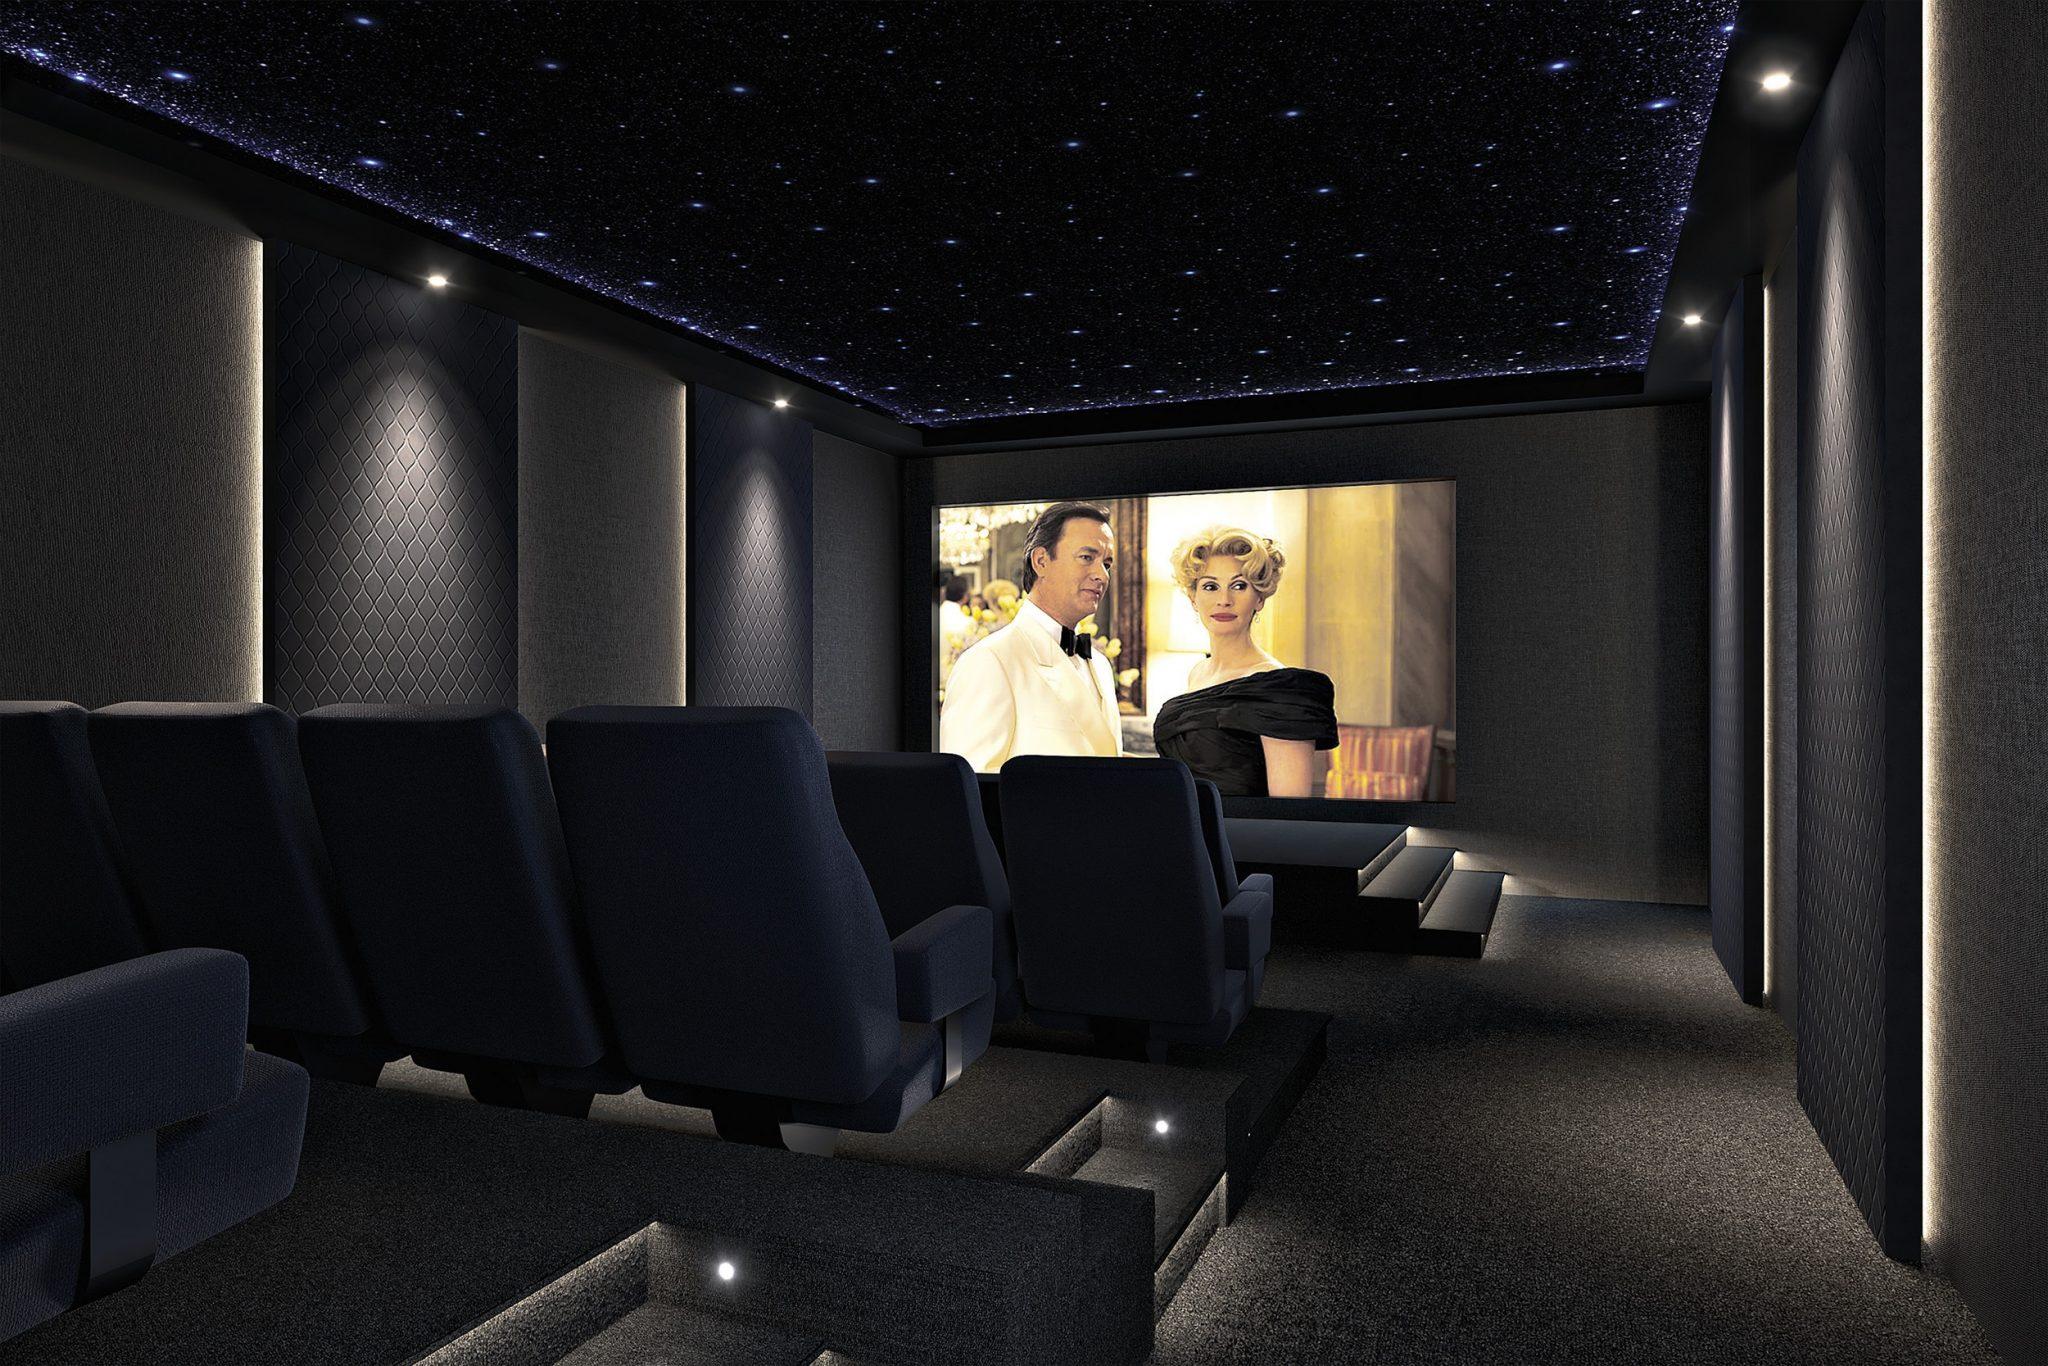 der_seemount_movie_room_das_seemount